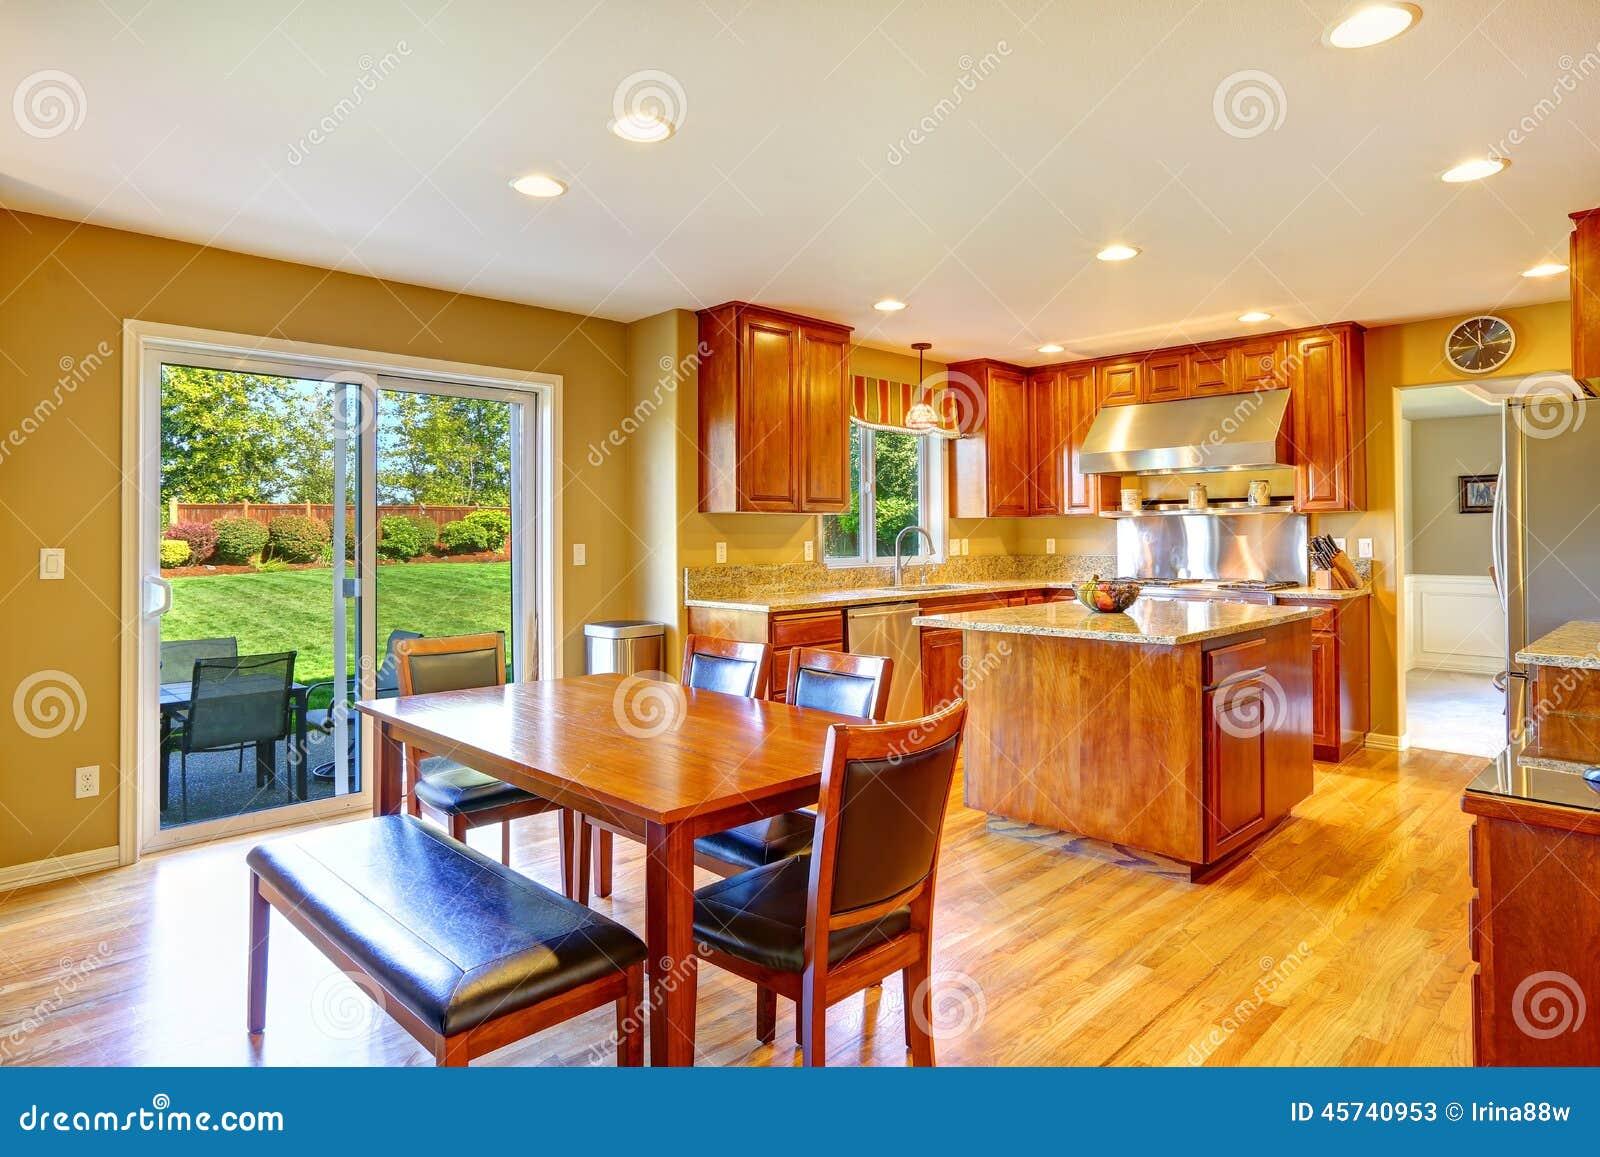 Sitio de lujo de la cocina con comedor foto de archivo for Cocinas con salida al patio